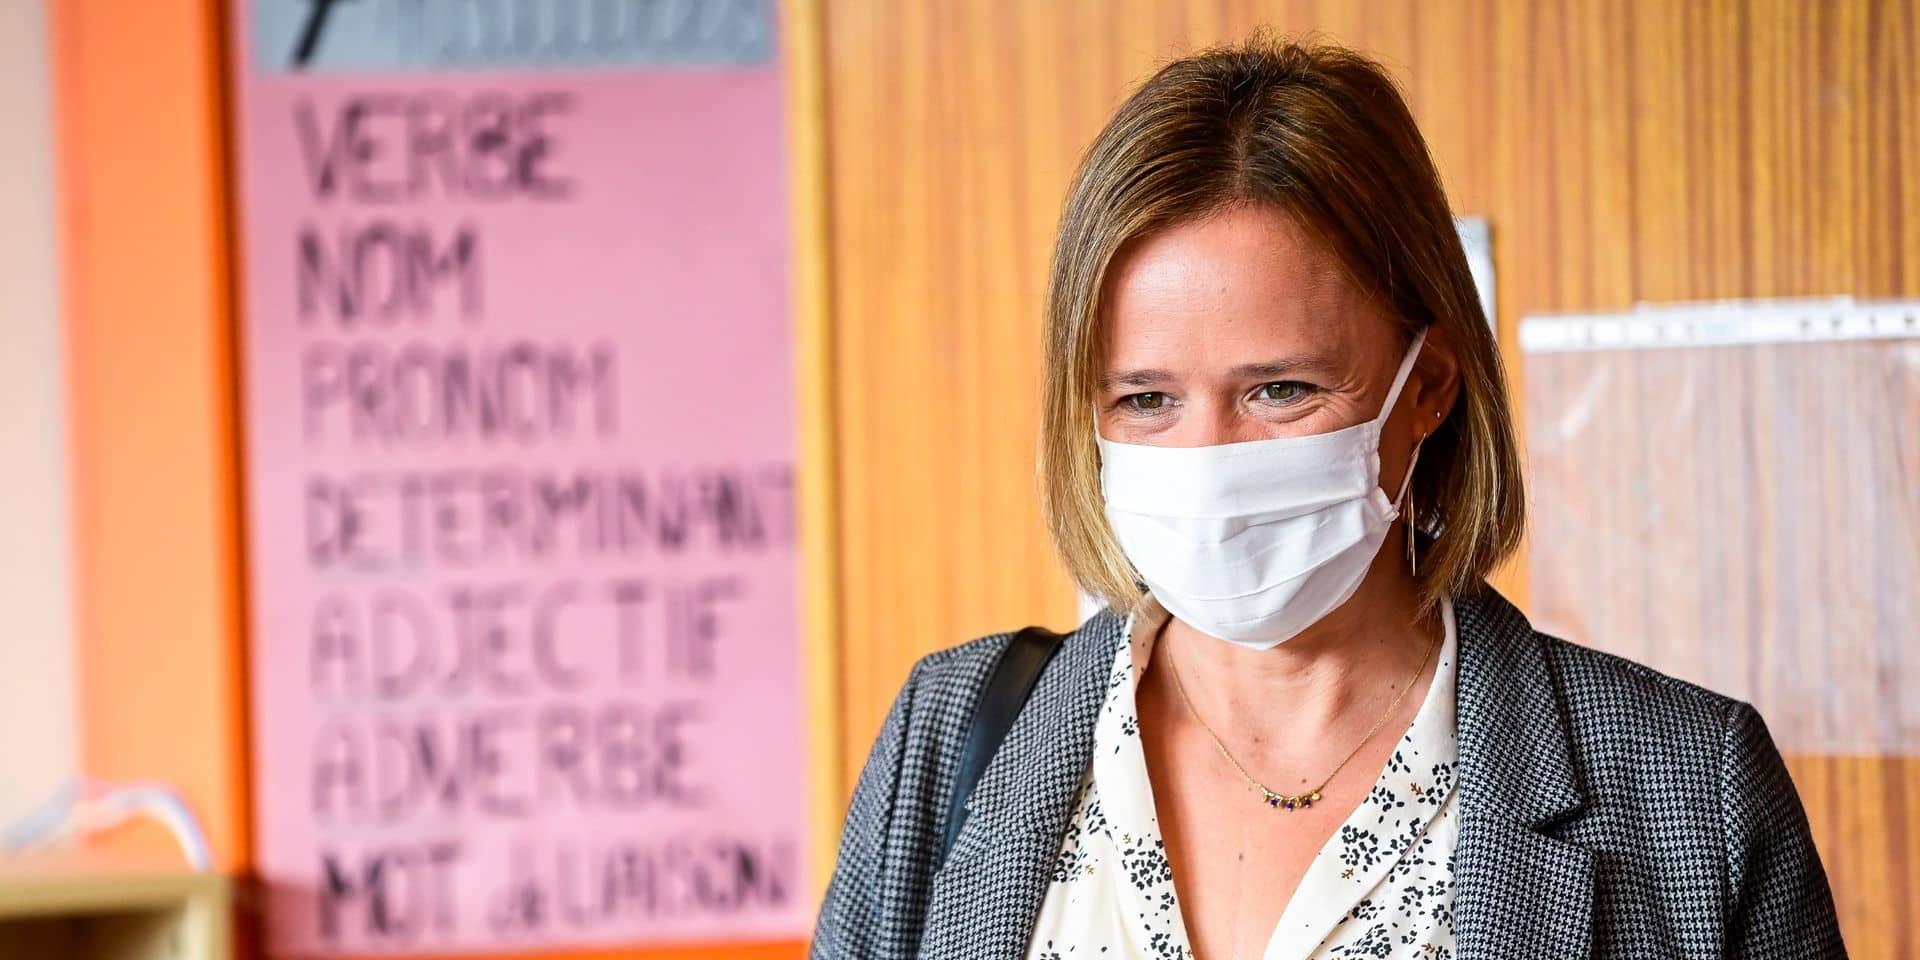 La proposition de Caroline Désir suffira-t-elle à remplacer les professeurs absents? Les écoles en doutent